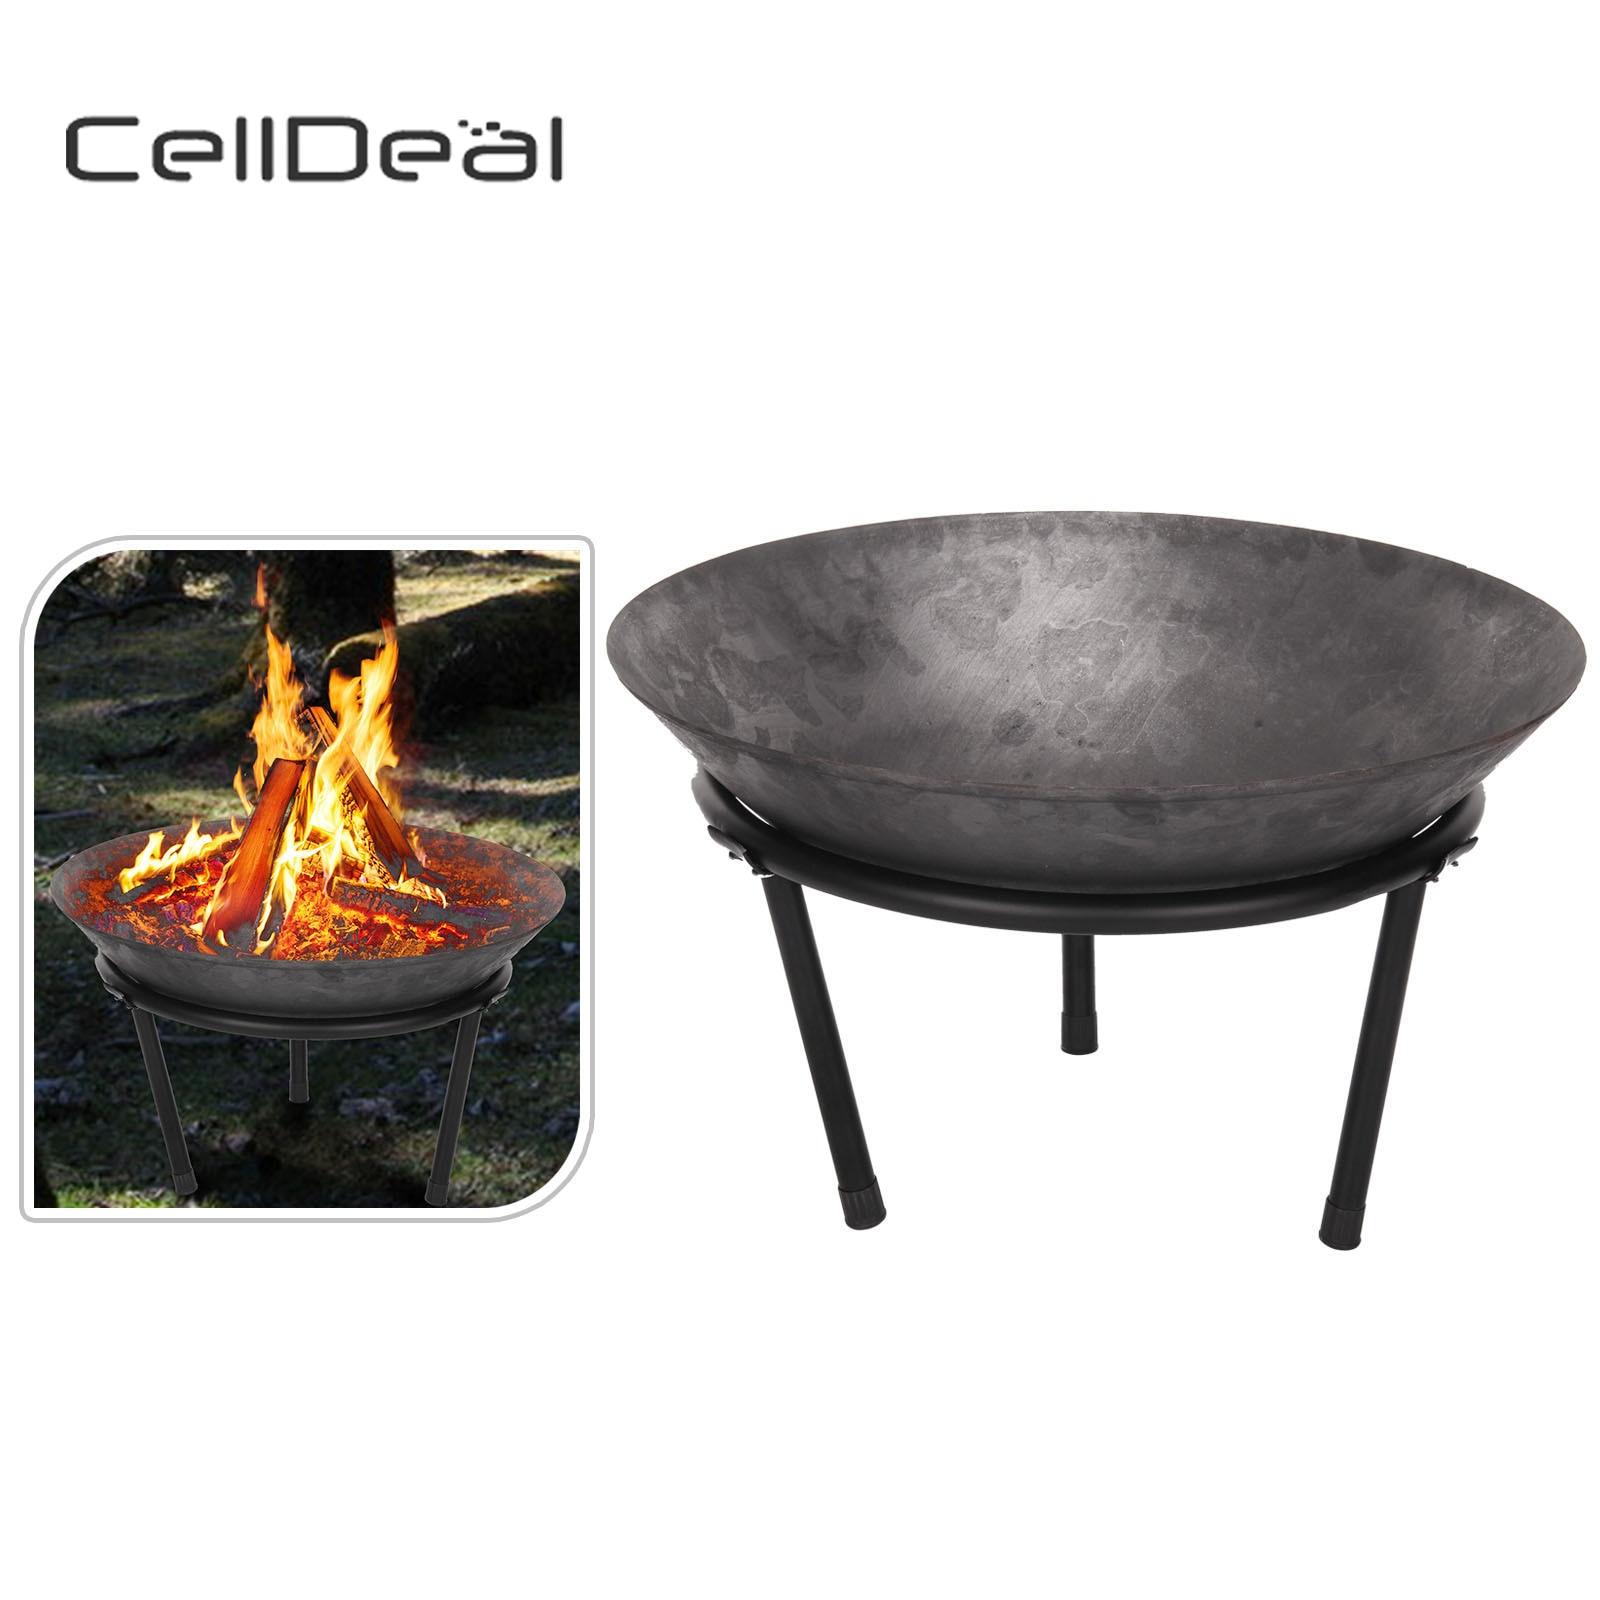 CellDeal foyer en fonte bol à feu Bbq jardin ambiance extérieure Hk cheminée